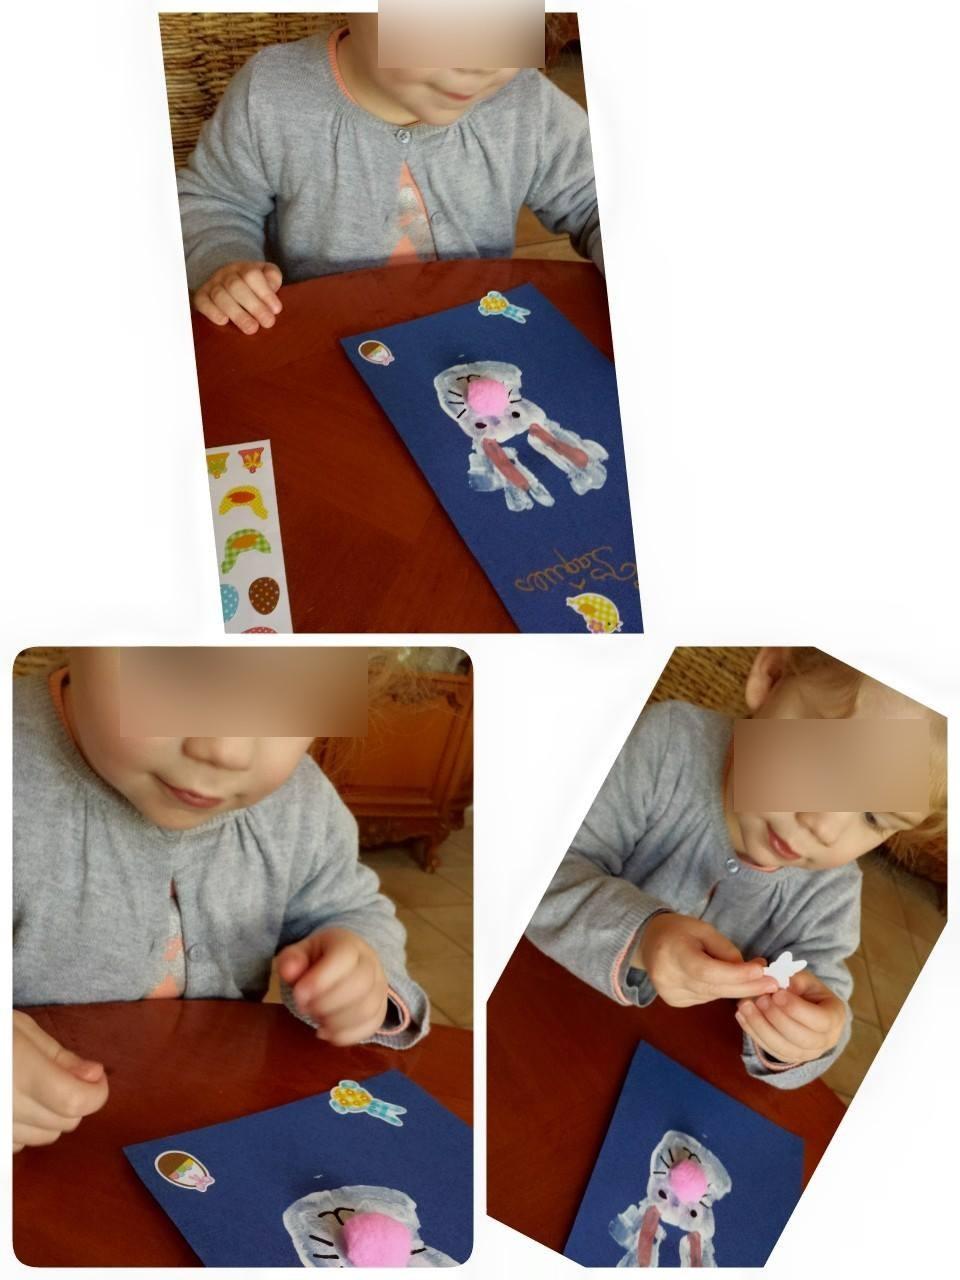 la ronde des chérubins, Villeparisis, blog assistante maternelle, petite enfance, trouver une nourrice